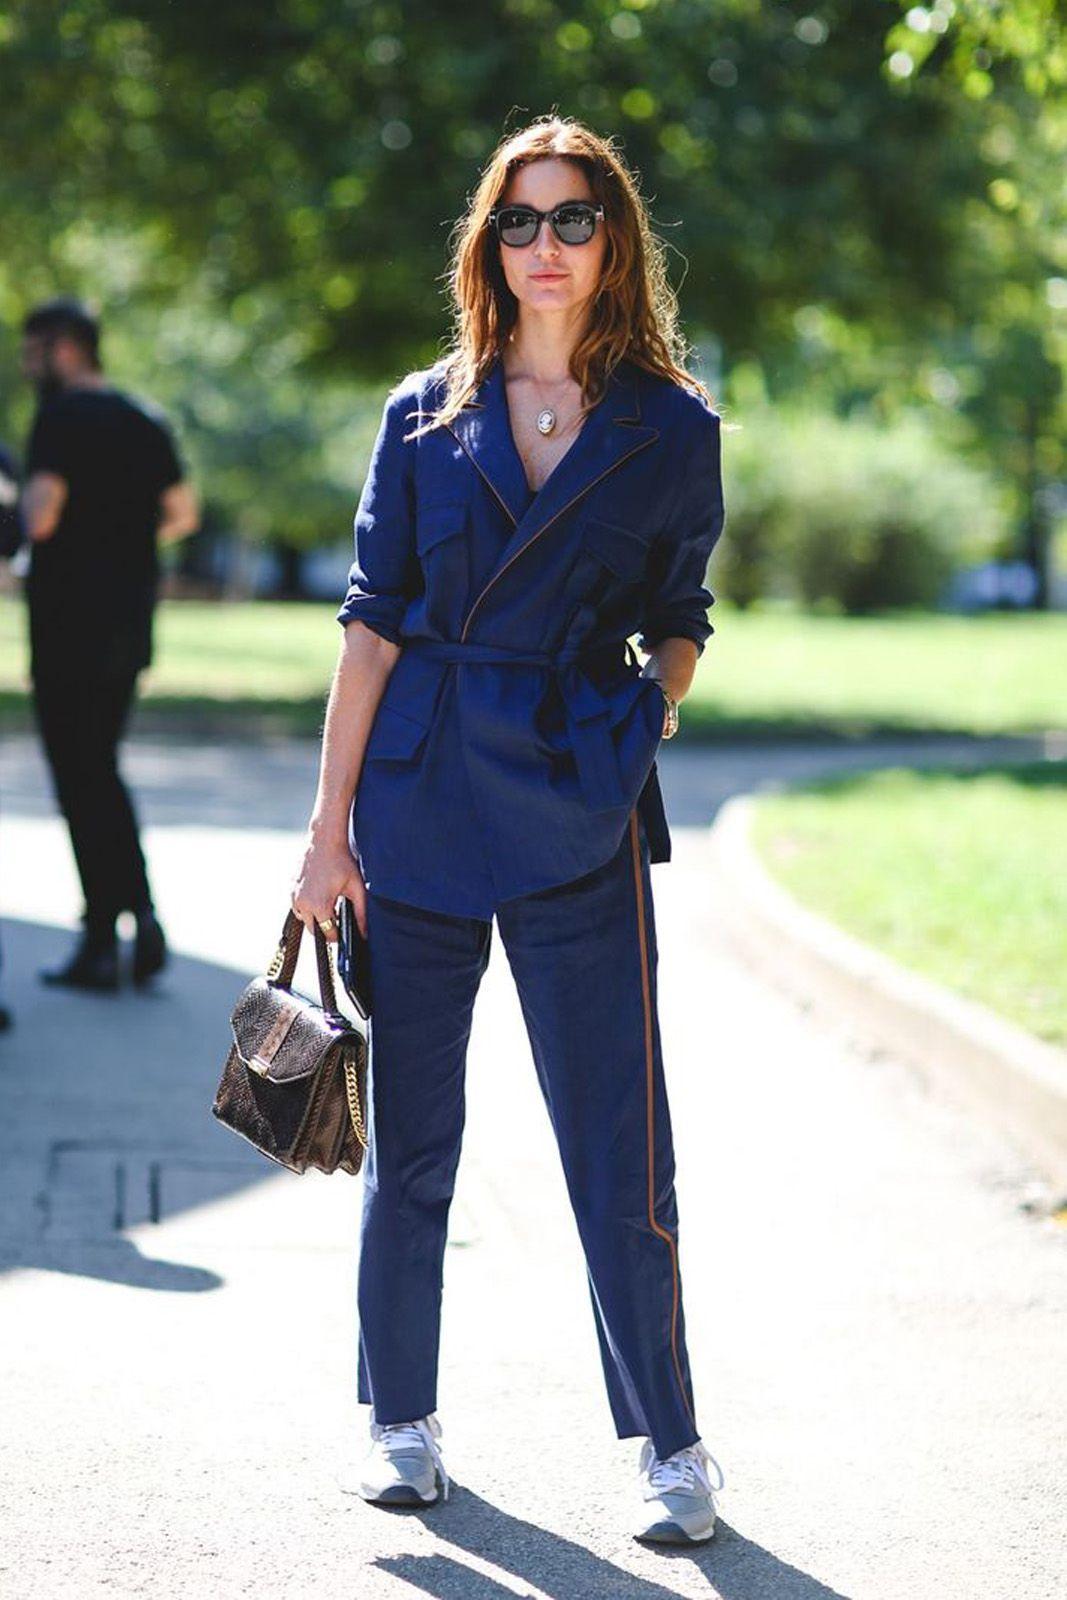 темно синий костюм женский с чем носить фото пошёл